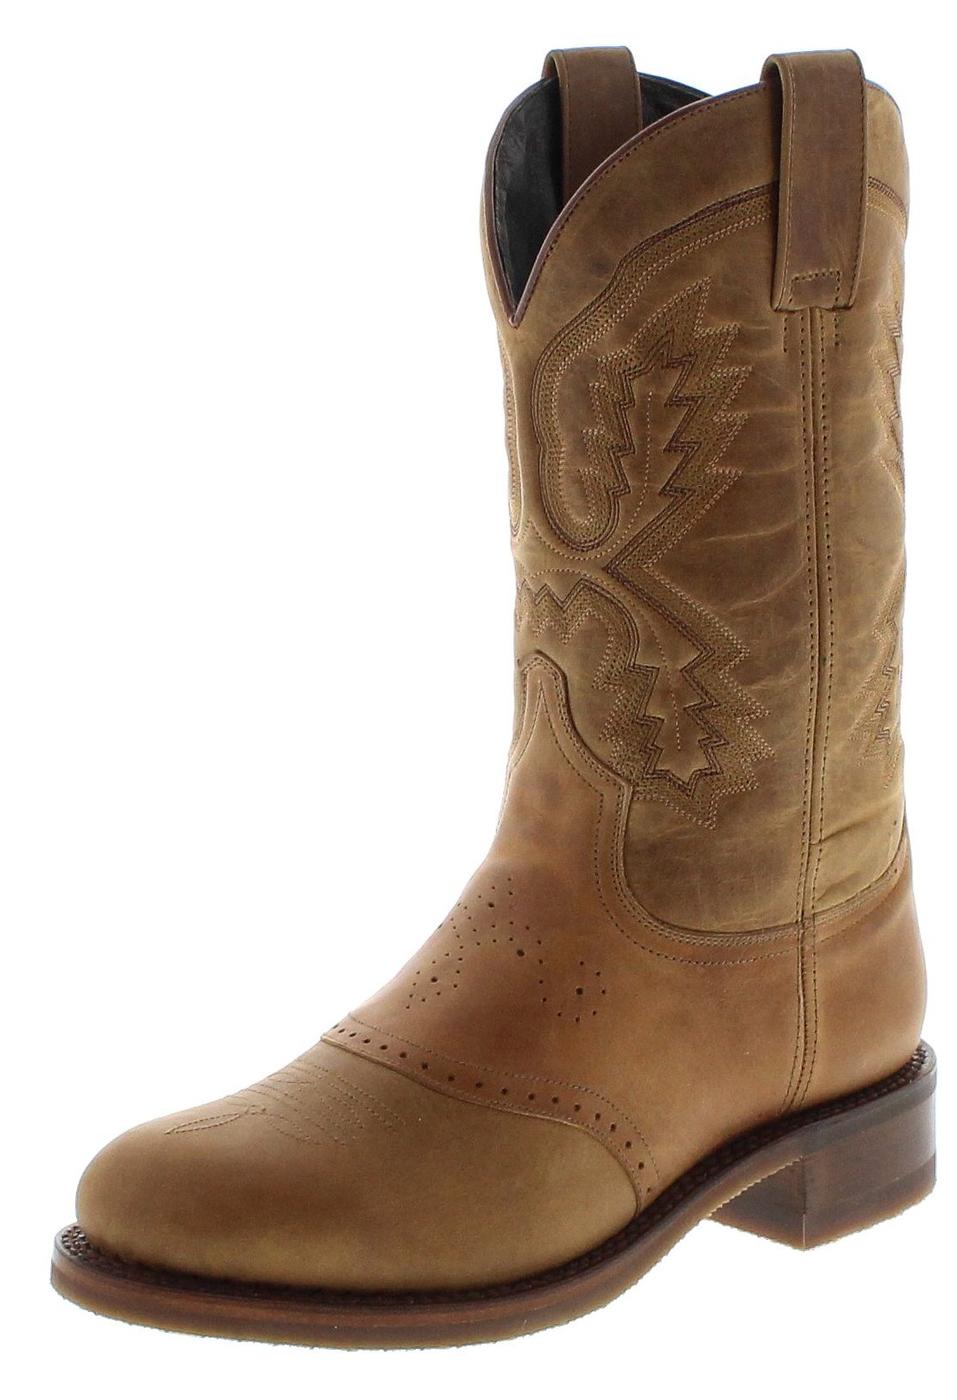 Sendra Boots 14338 Tang Teak Herren Westernreitstiefel mit Thinsulate Isolierung - braun